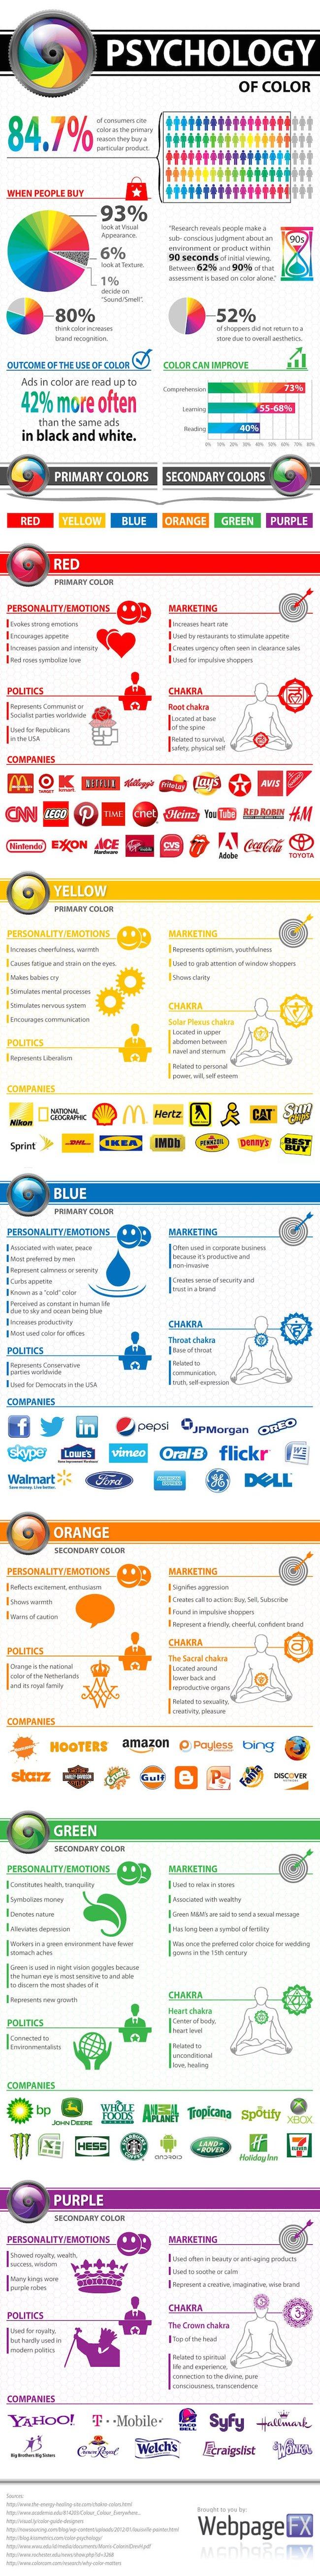 psychology-of-color-ig